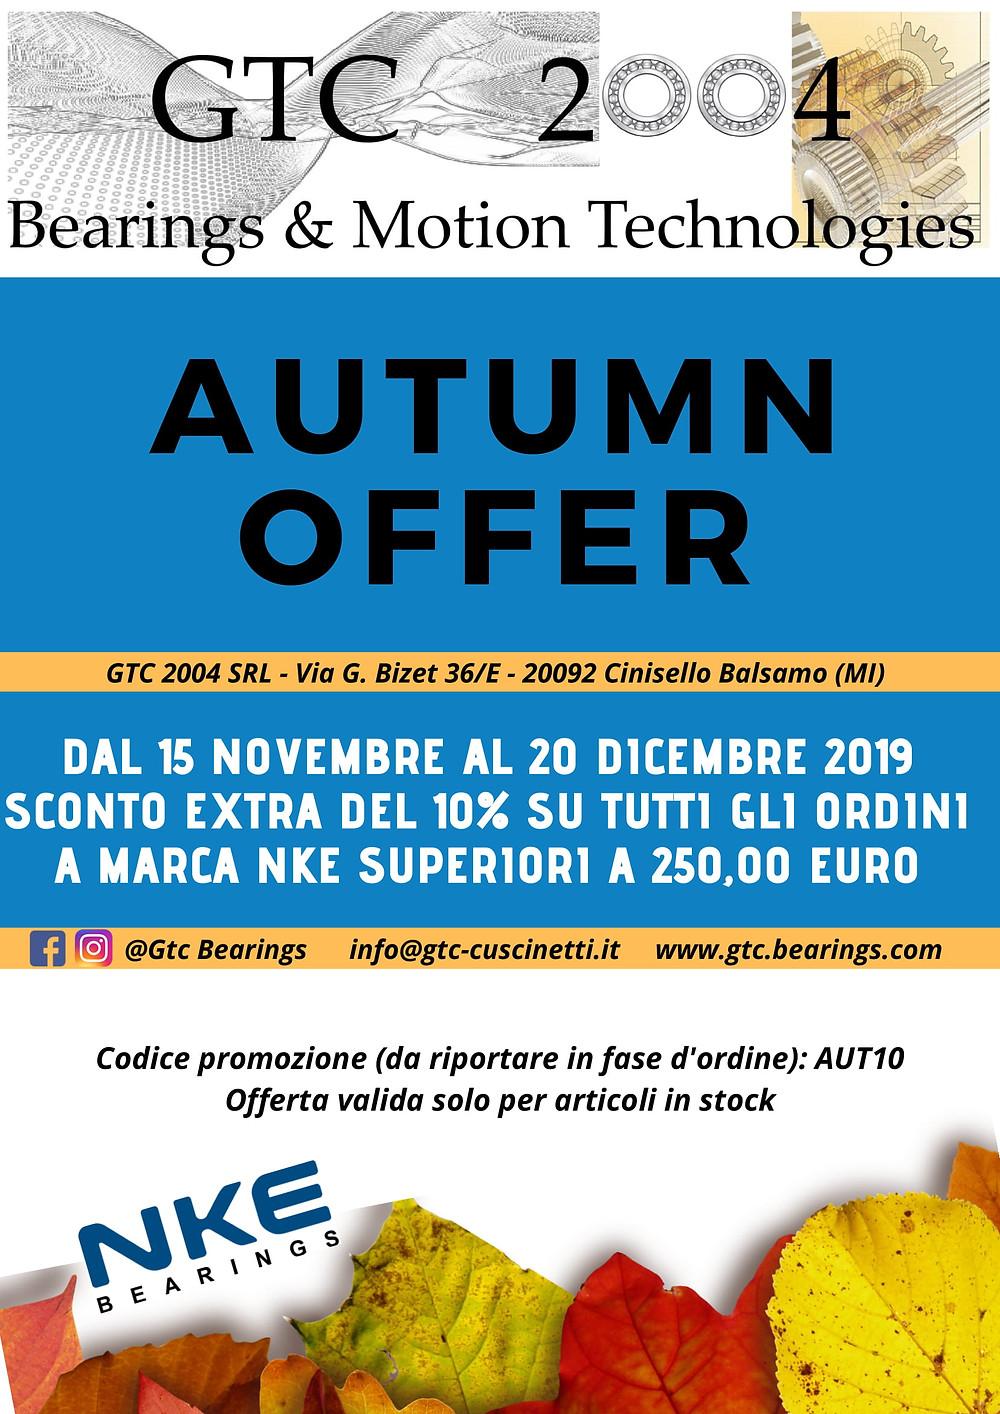 Promozione autunno cuscinetti NKE (cod. promo: AUT10)